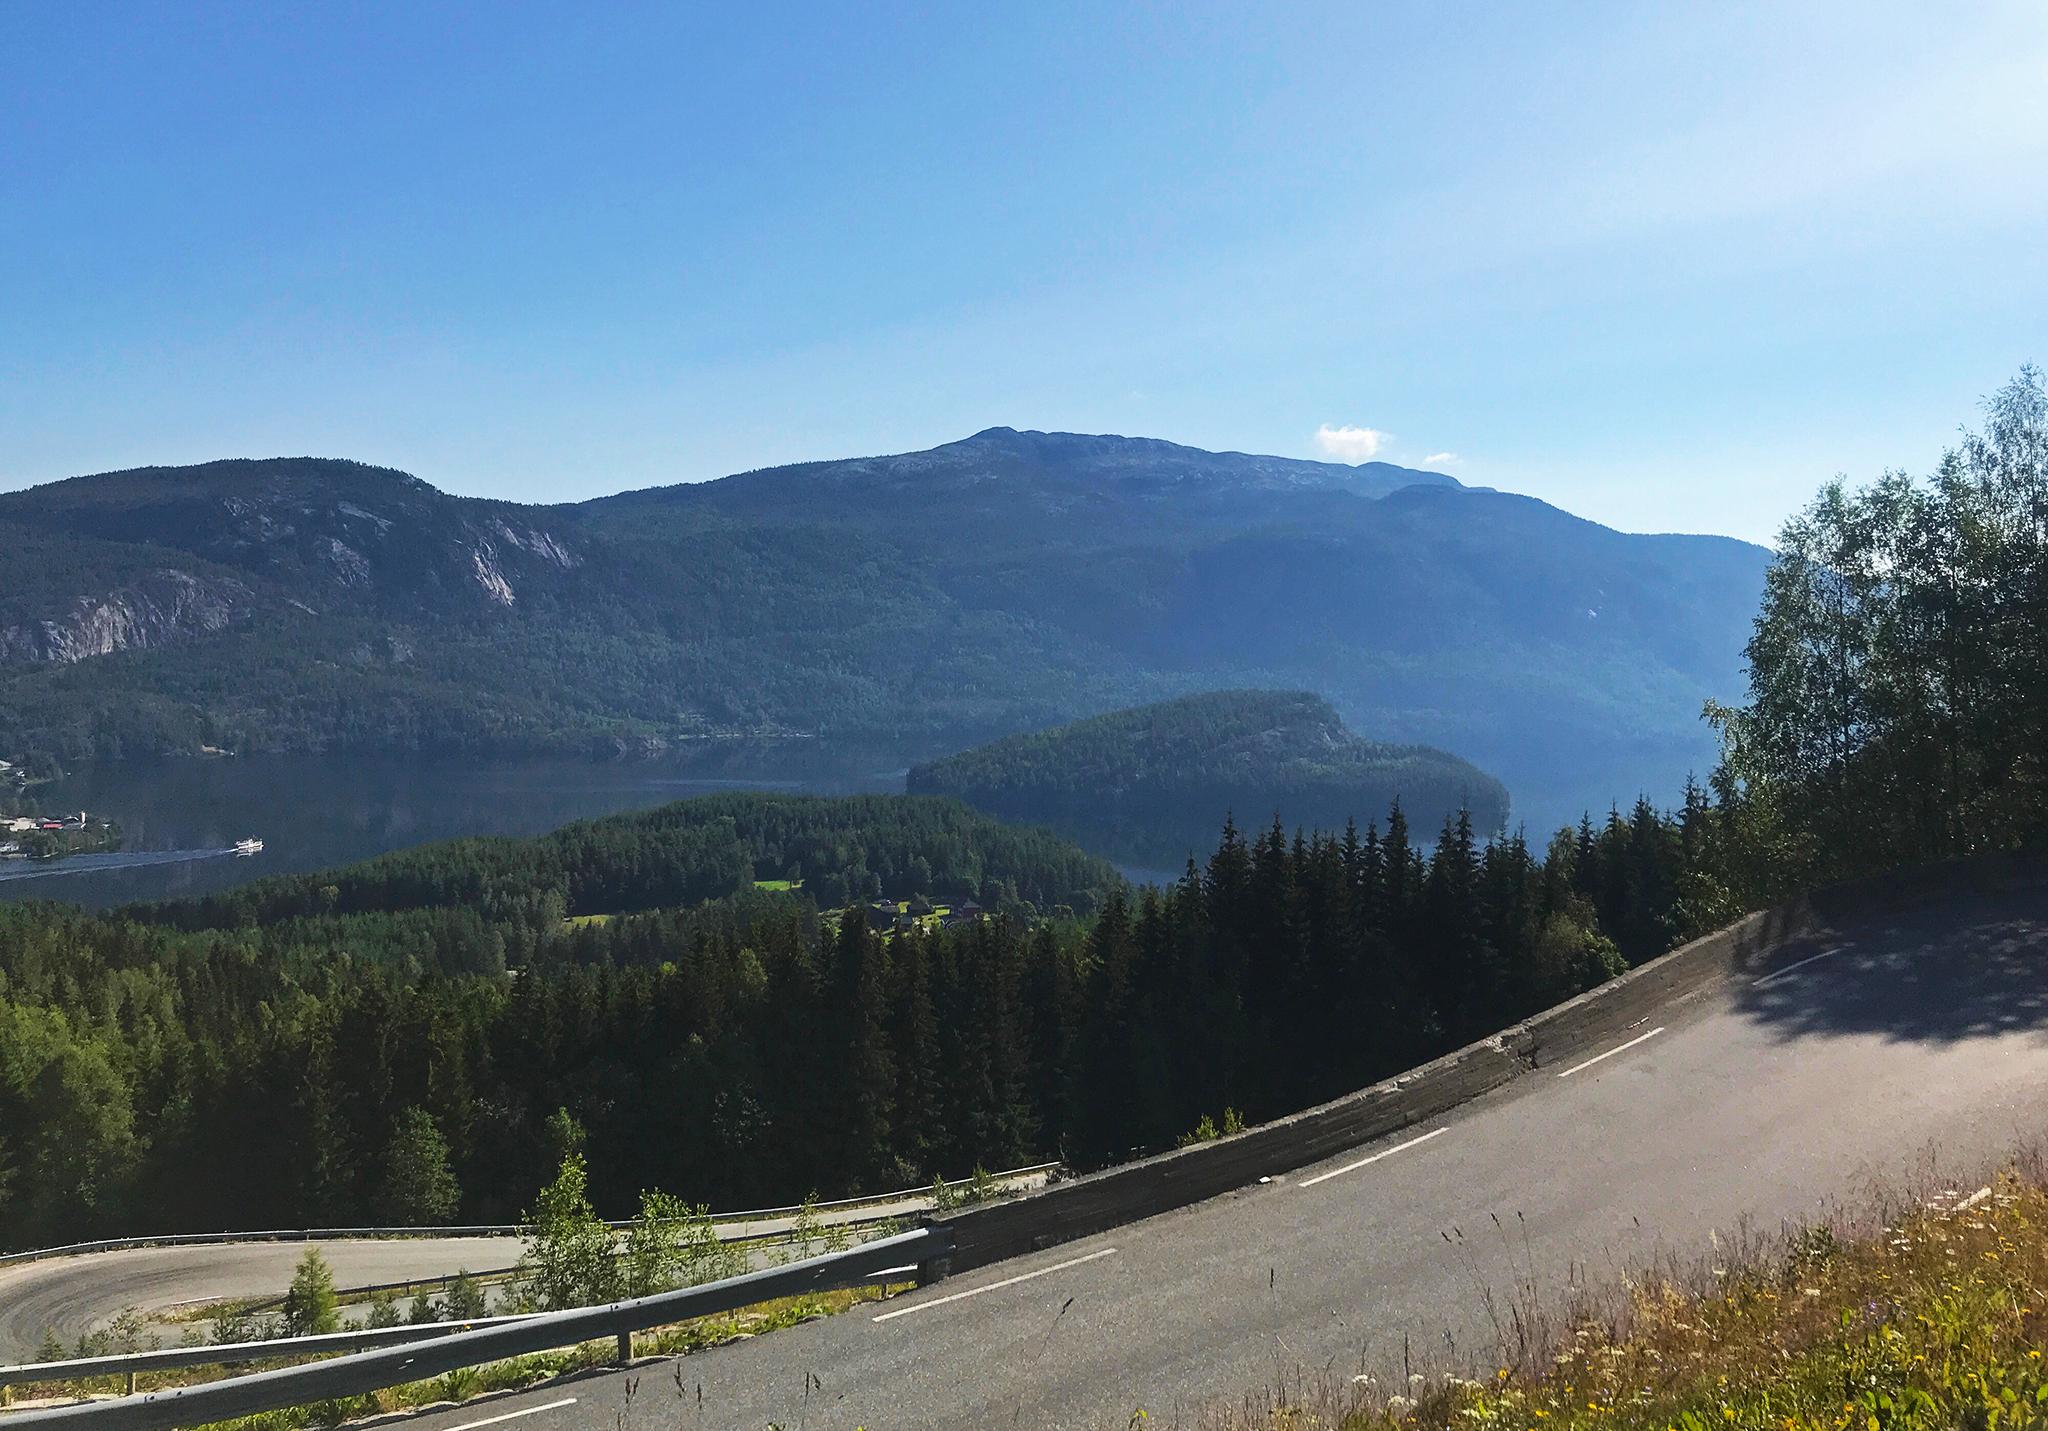 Riding down towards Kviteseidvatnet , or Lake Kviteseid